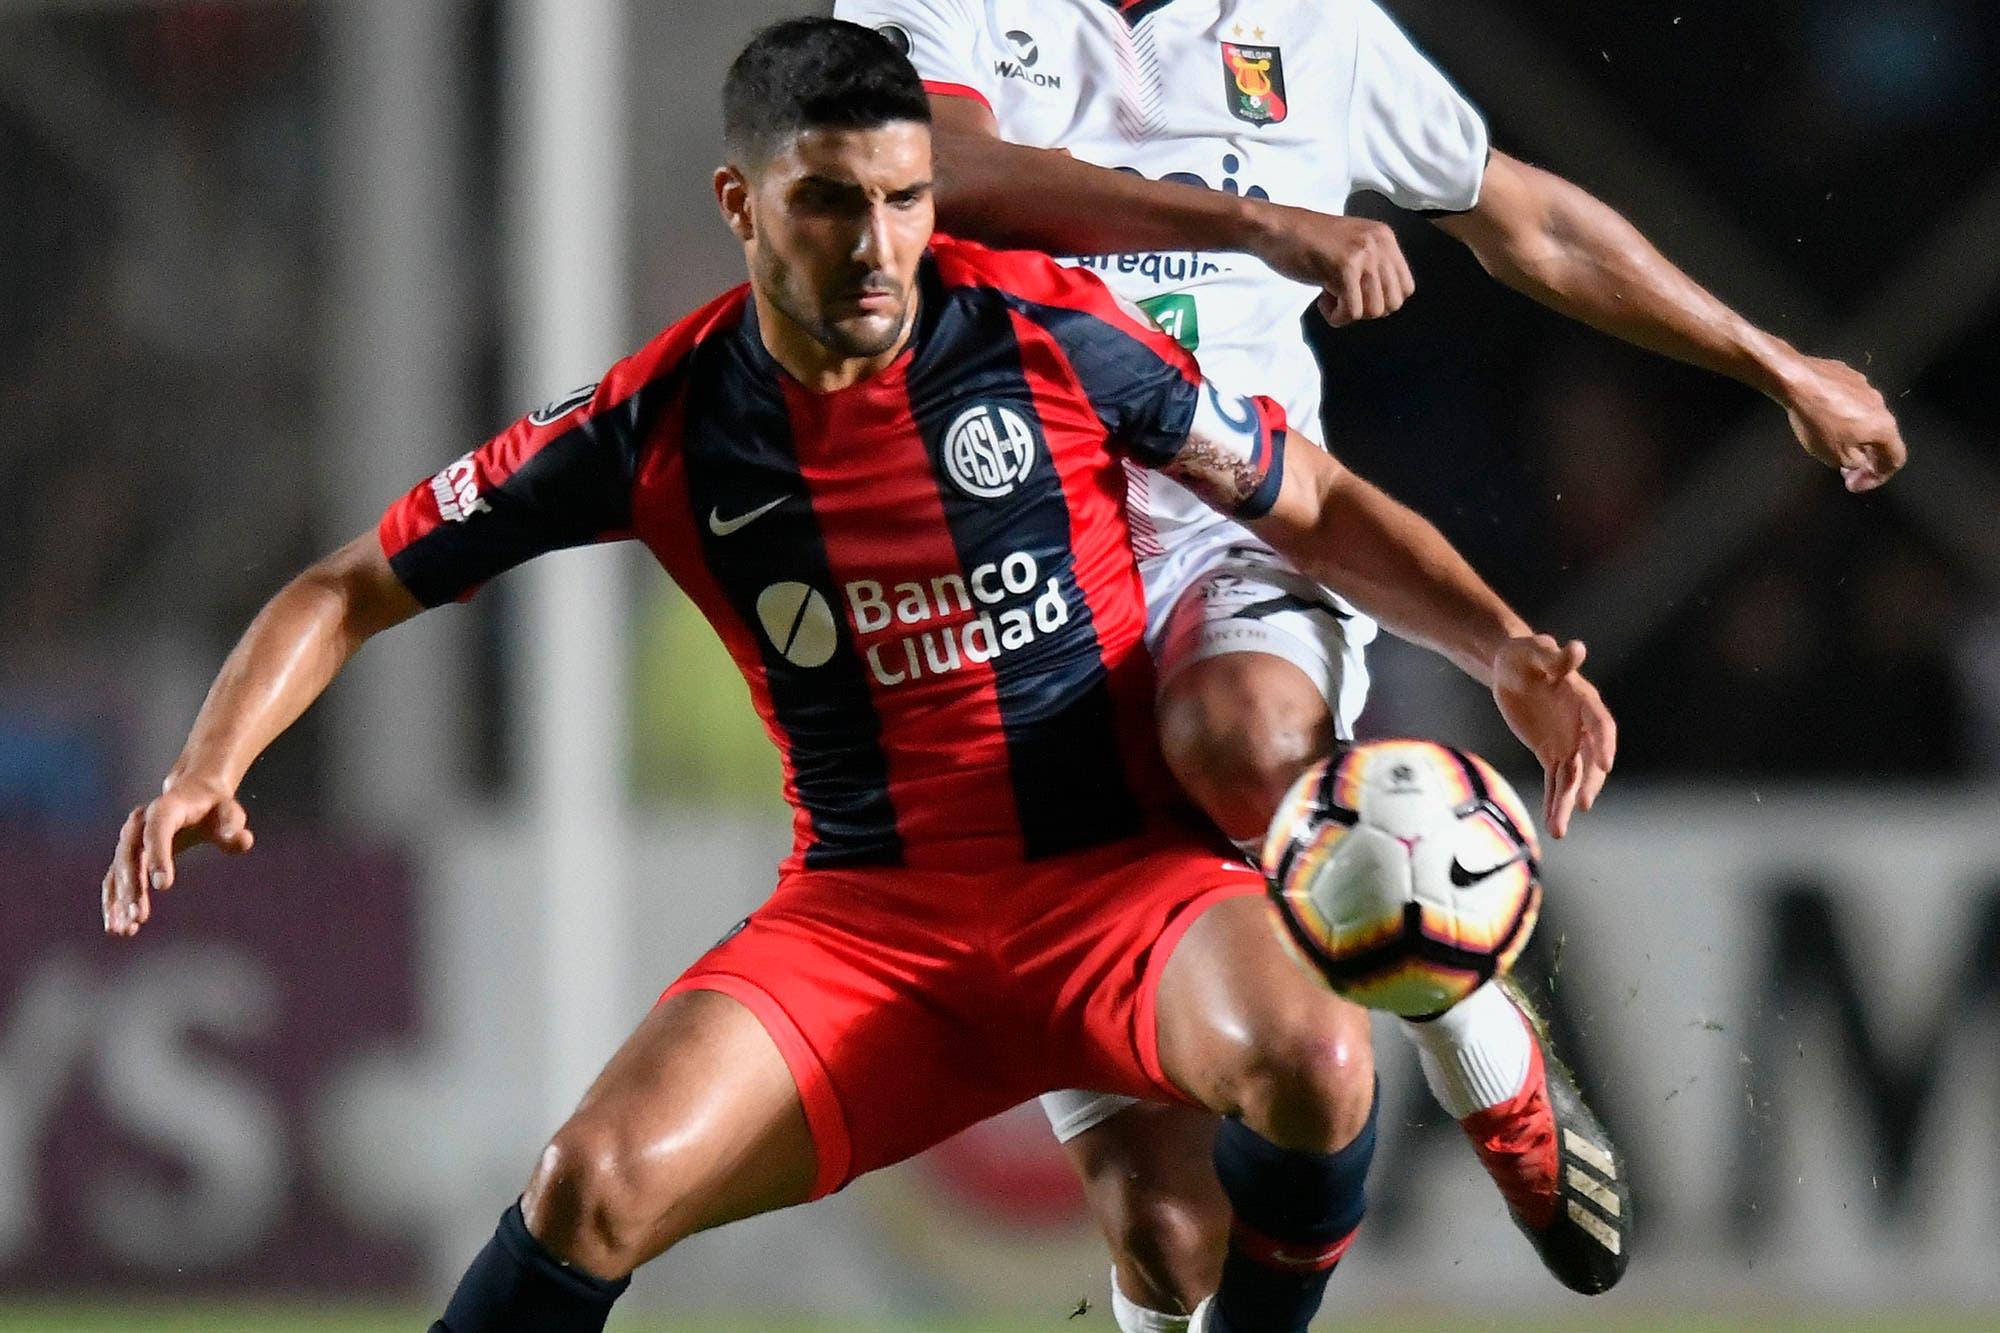 Capitán, goleador y referente: Nicolás Blandi dejó San Lorenzo y se fue a Colo Colo